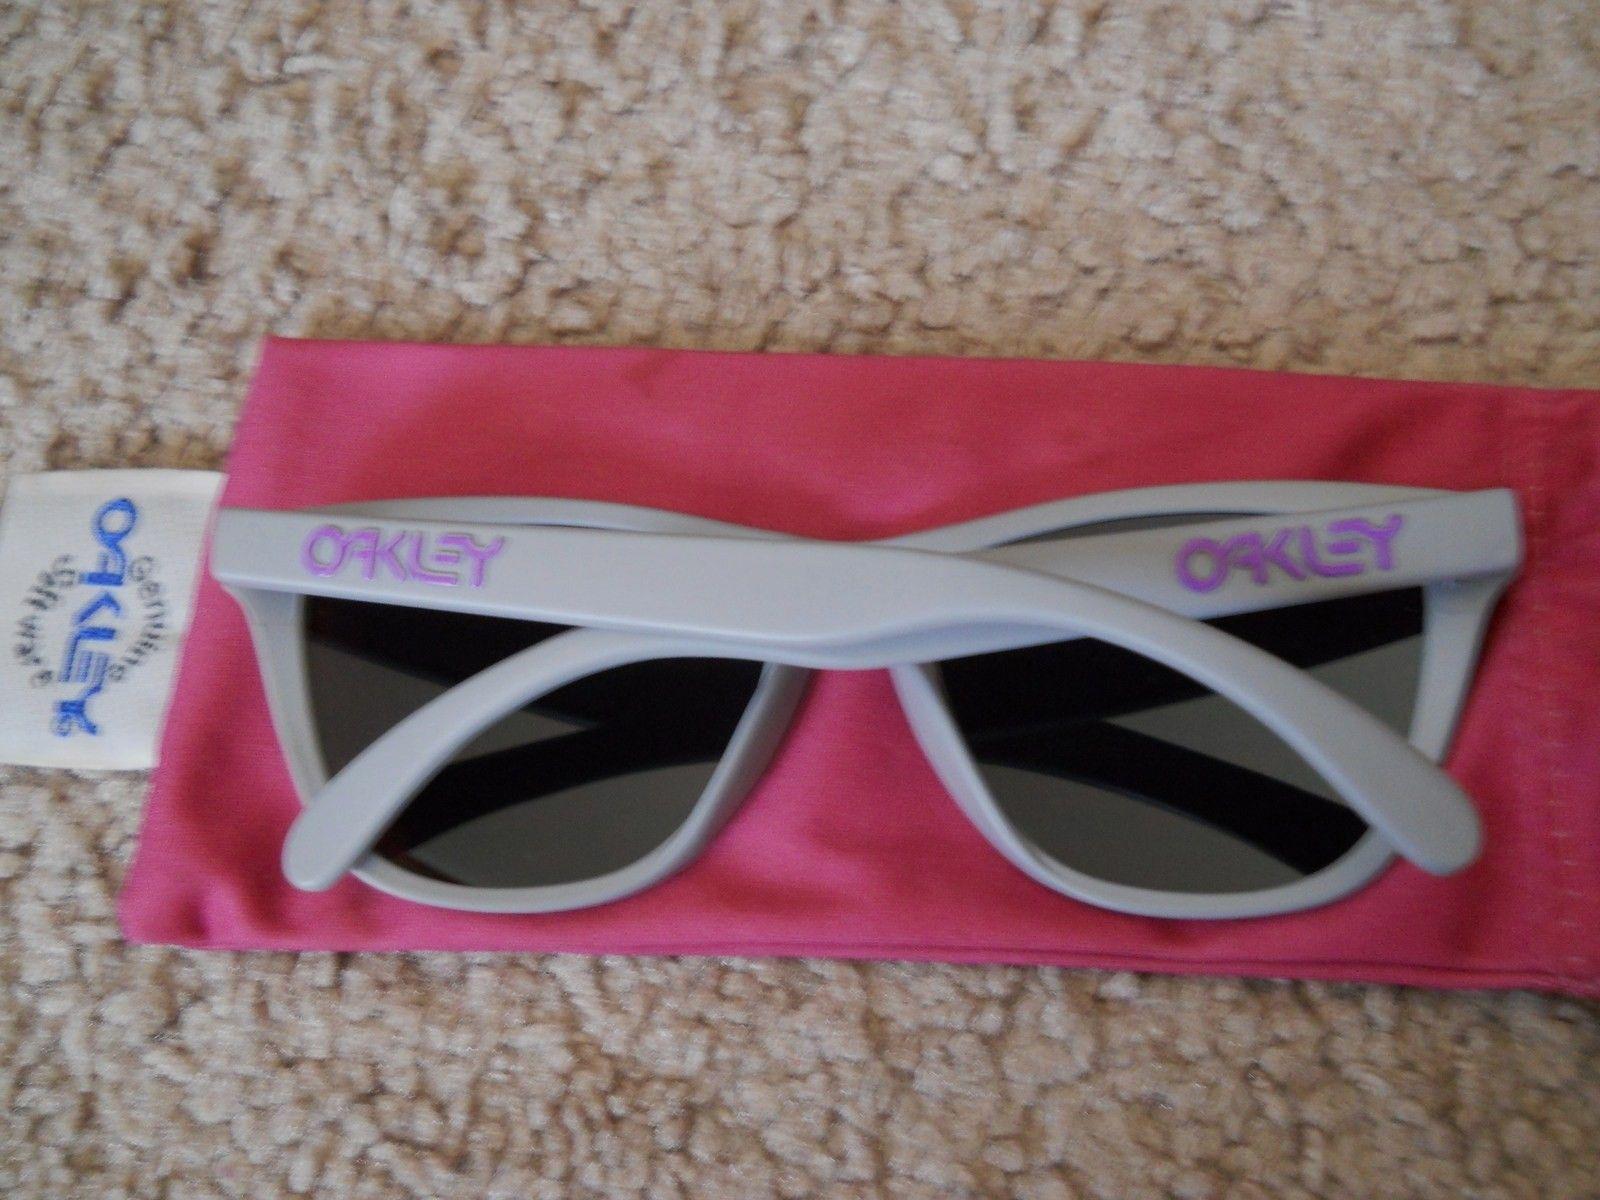 4 Legged Matte Grey/purple - $80.00 - 011ljr.jpg